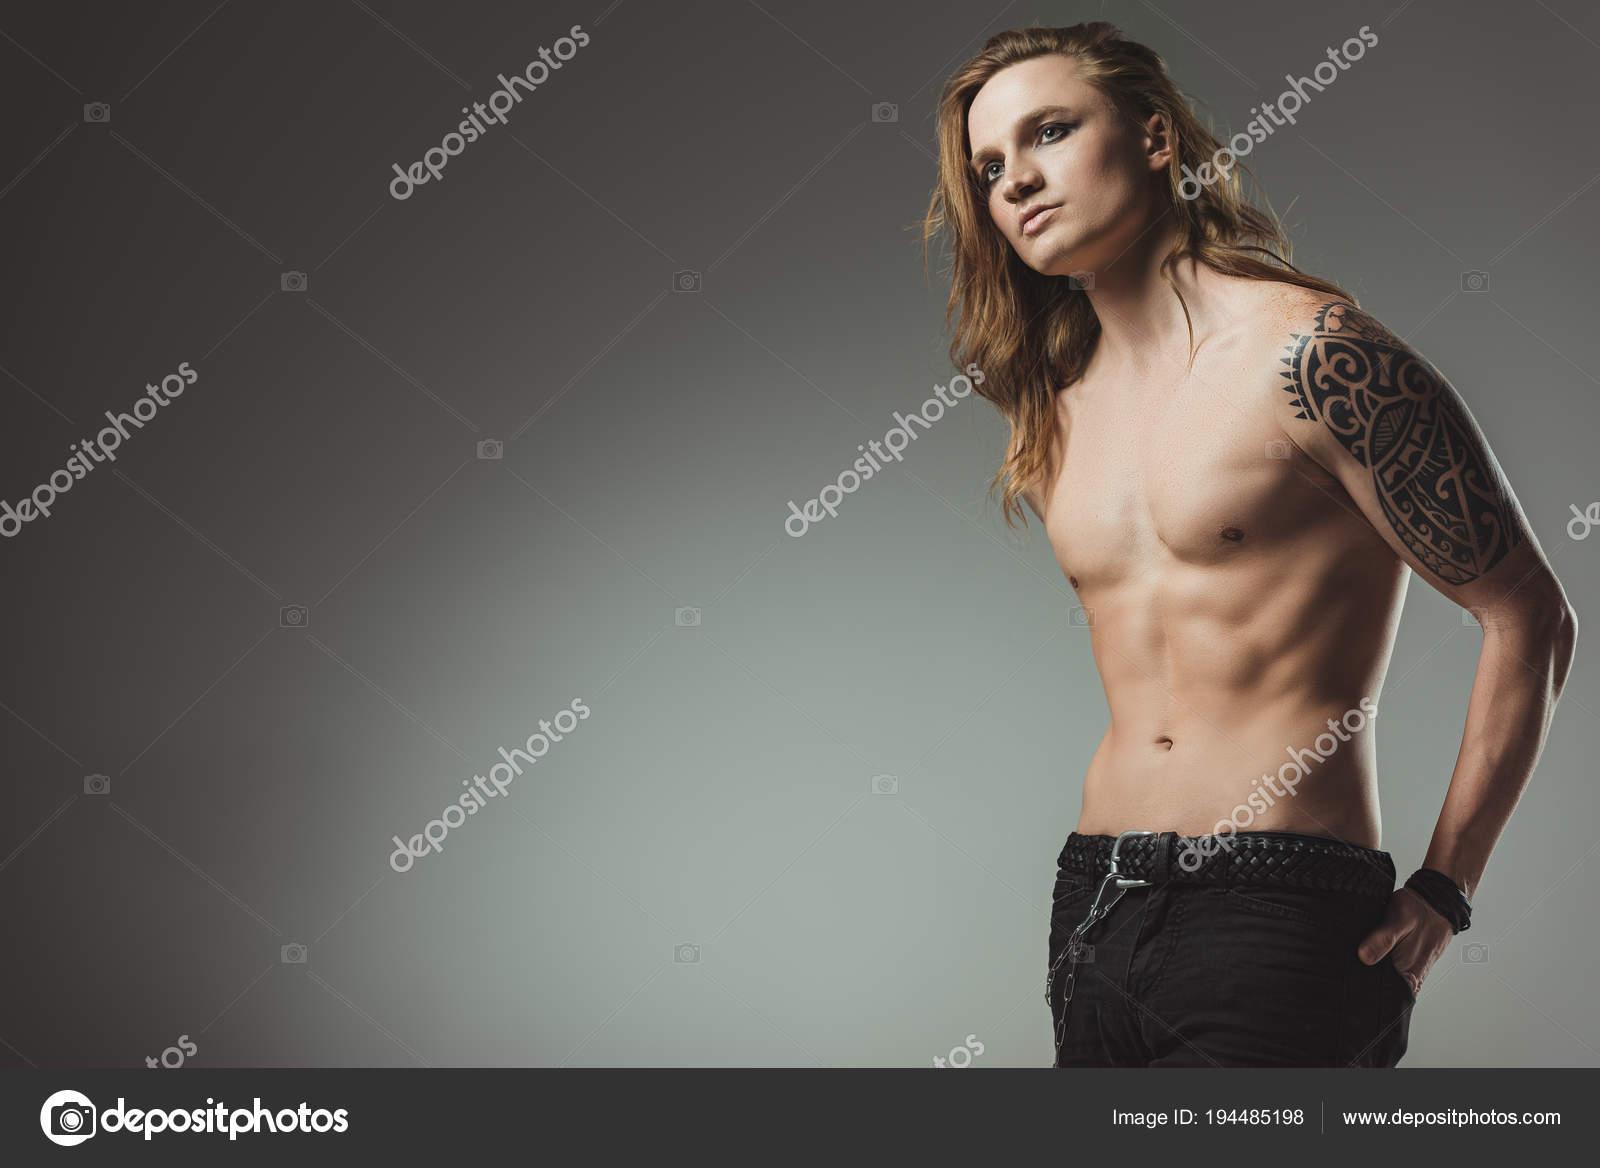 Homme Torse Mode Avec Tatouage Posant Dans Des Jeans Noirs